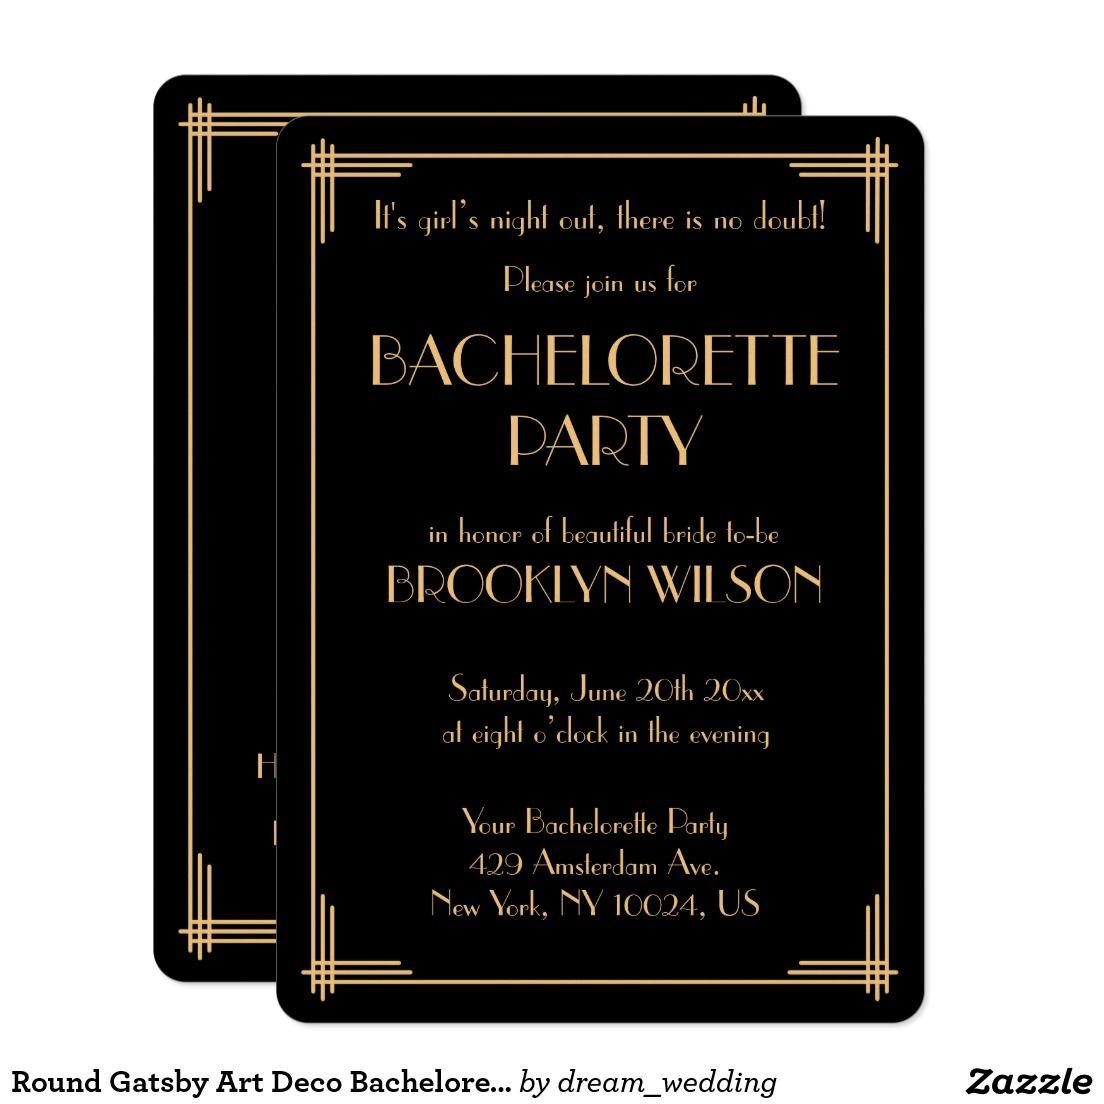 Round Gatsby Art Deco Bachelorette Party Invite